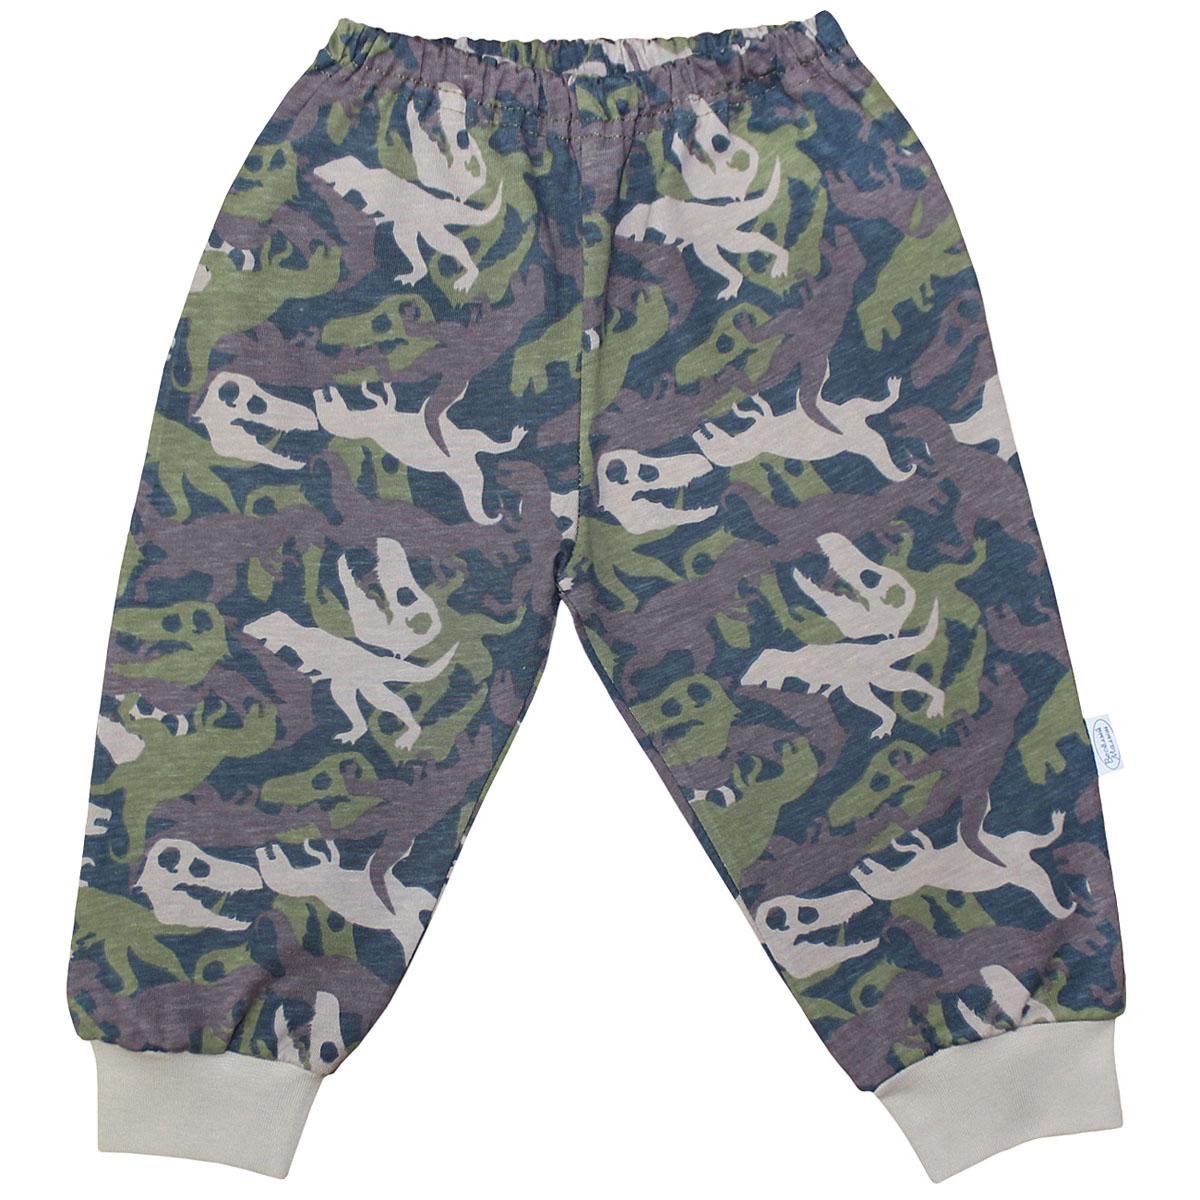 """Штанишки для мальчика Веселый малыш """"Динозавры"""", цвет: темно-зеленый. 33170/ди-хаки. Размер 68"""